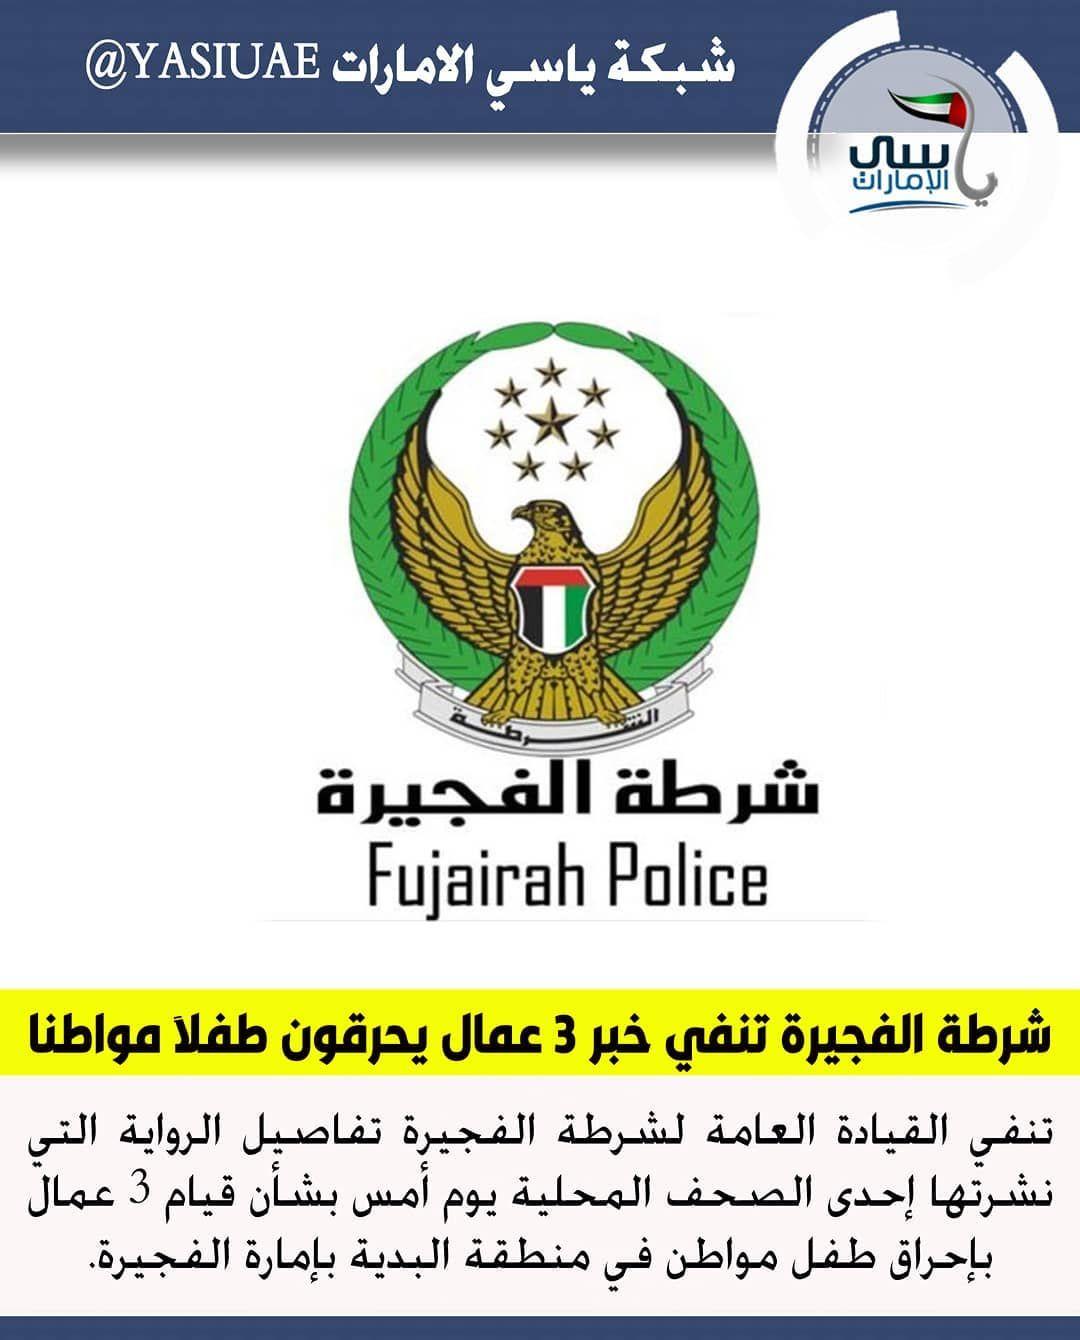 الفجيرة تنفي القيادة العامة لشرطة الفجيرة تفاصيل الرواية التي نشرتها إحدى الصحف المحلية يوم أمس بشأن قيام 3 عمال بإحراق طفل مواطن في Enamel Pins Fujairah Abs